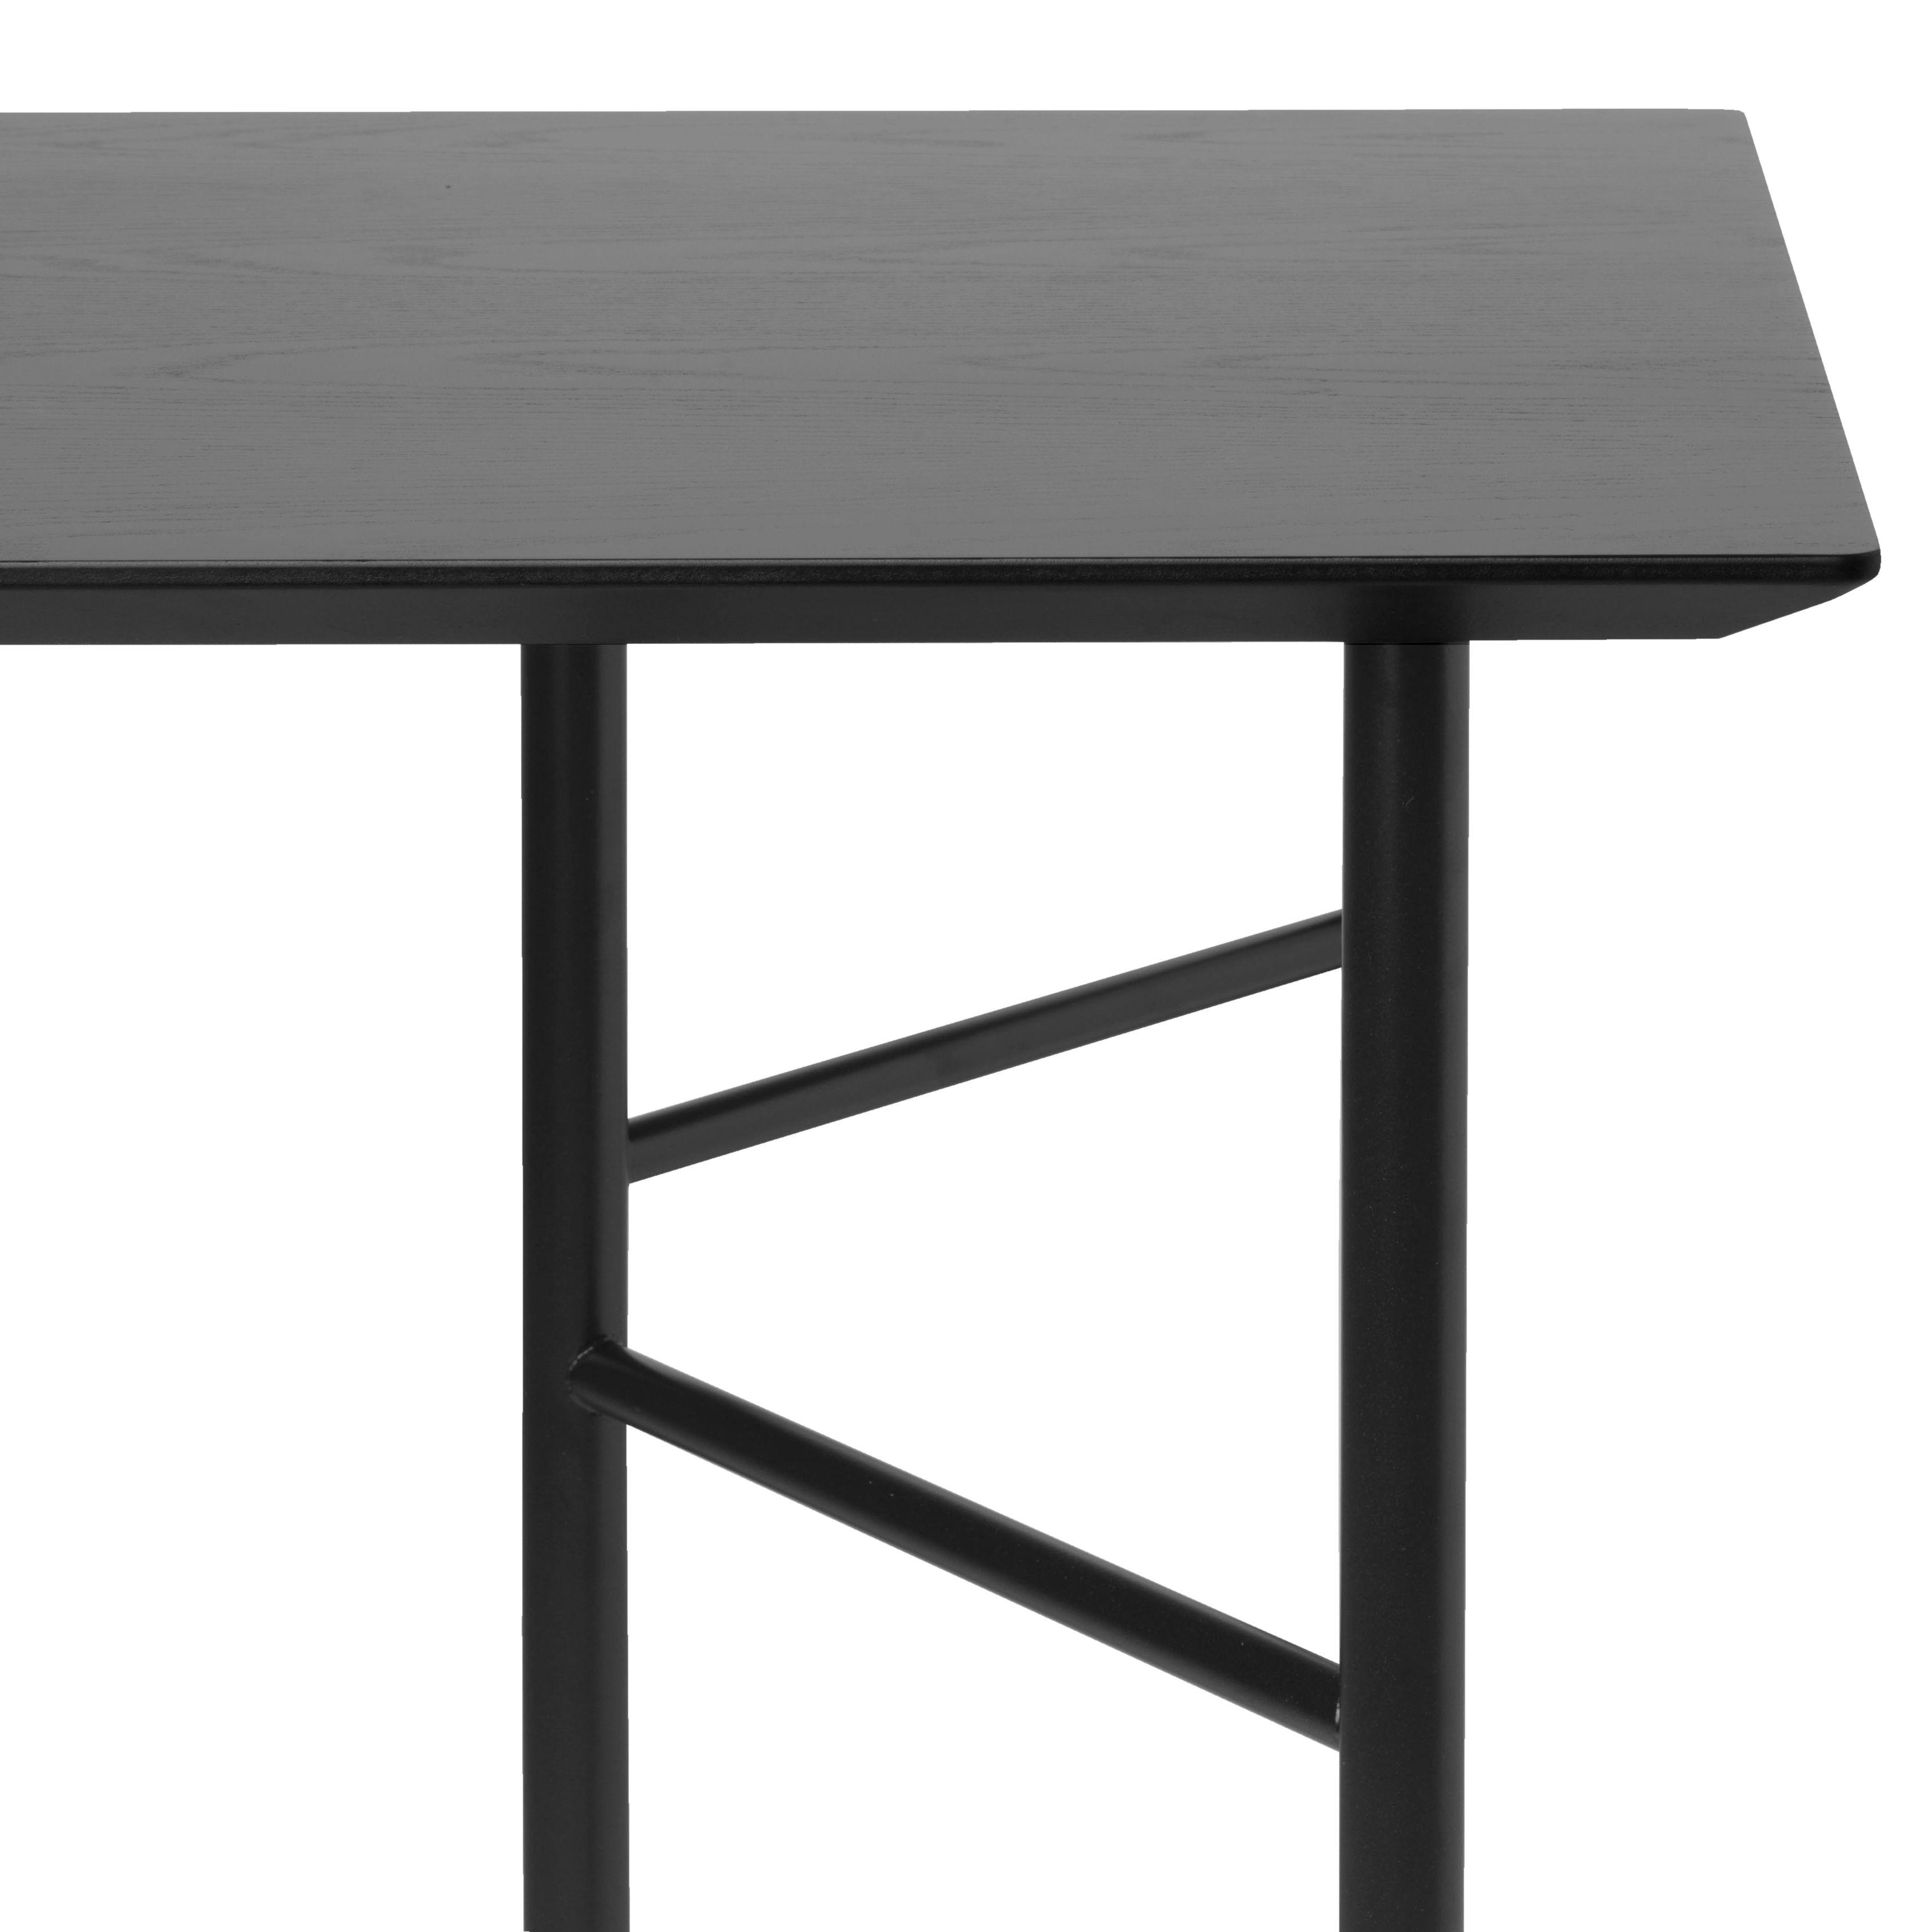 Arredamento - Mobili da ufficio - Accessorio tavolo - / Per cavalletti Mingle Small - 135 x 65 cm di Ferm Living - Piano / Nero - MDF plaqué chêne laqué